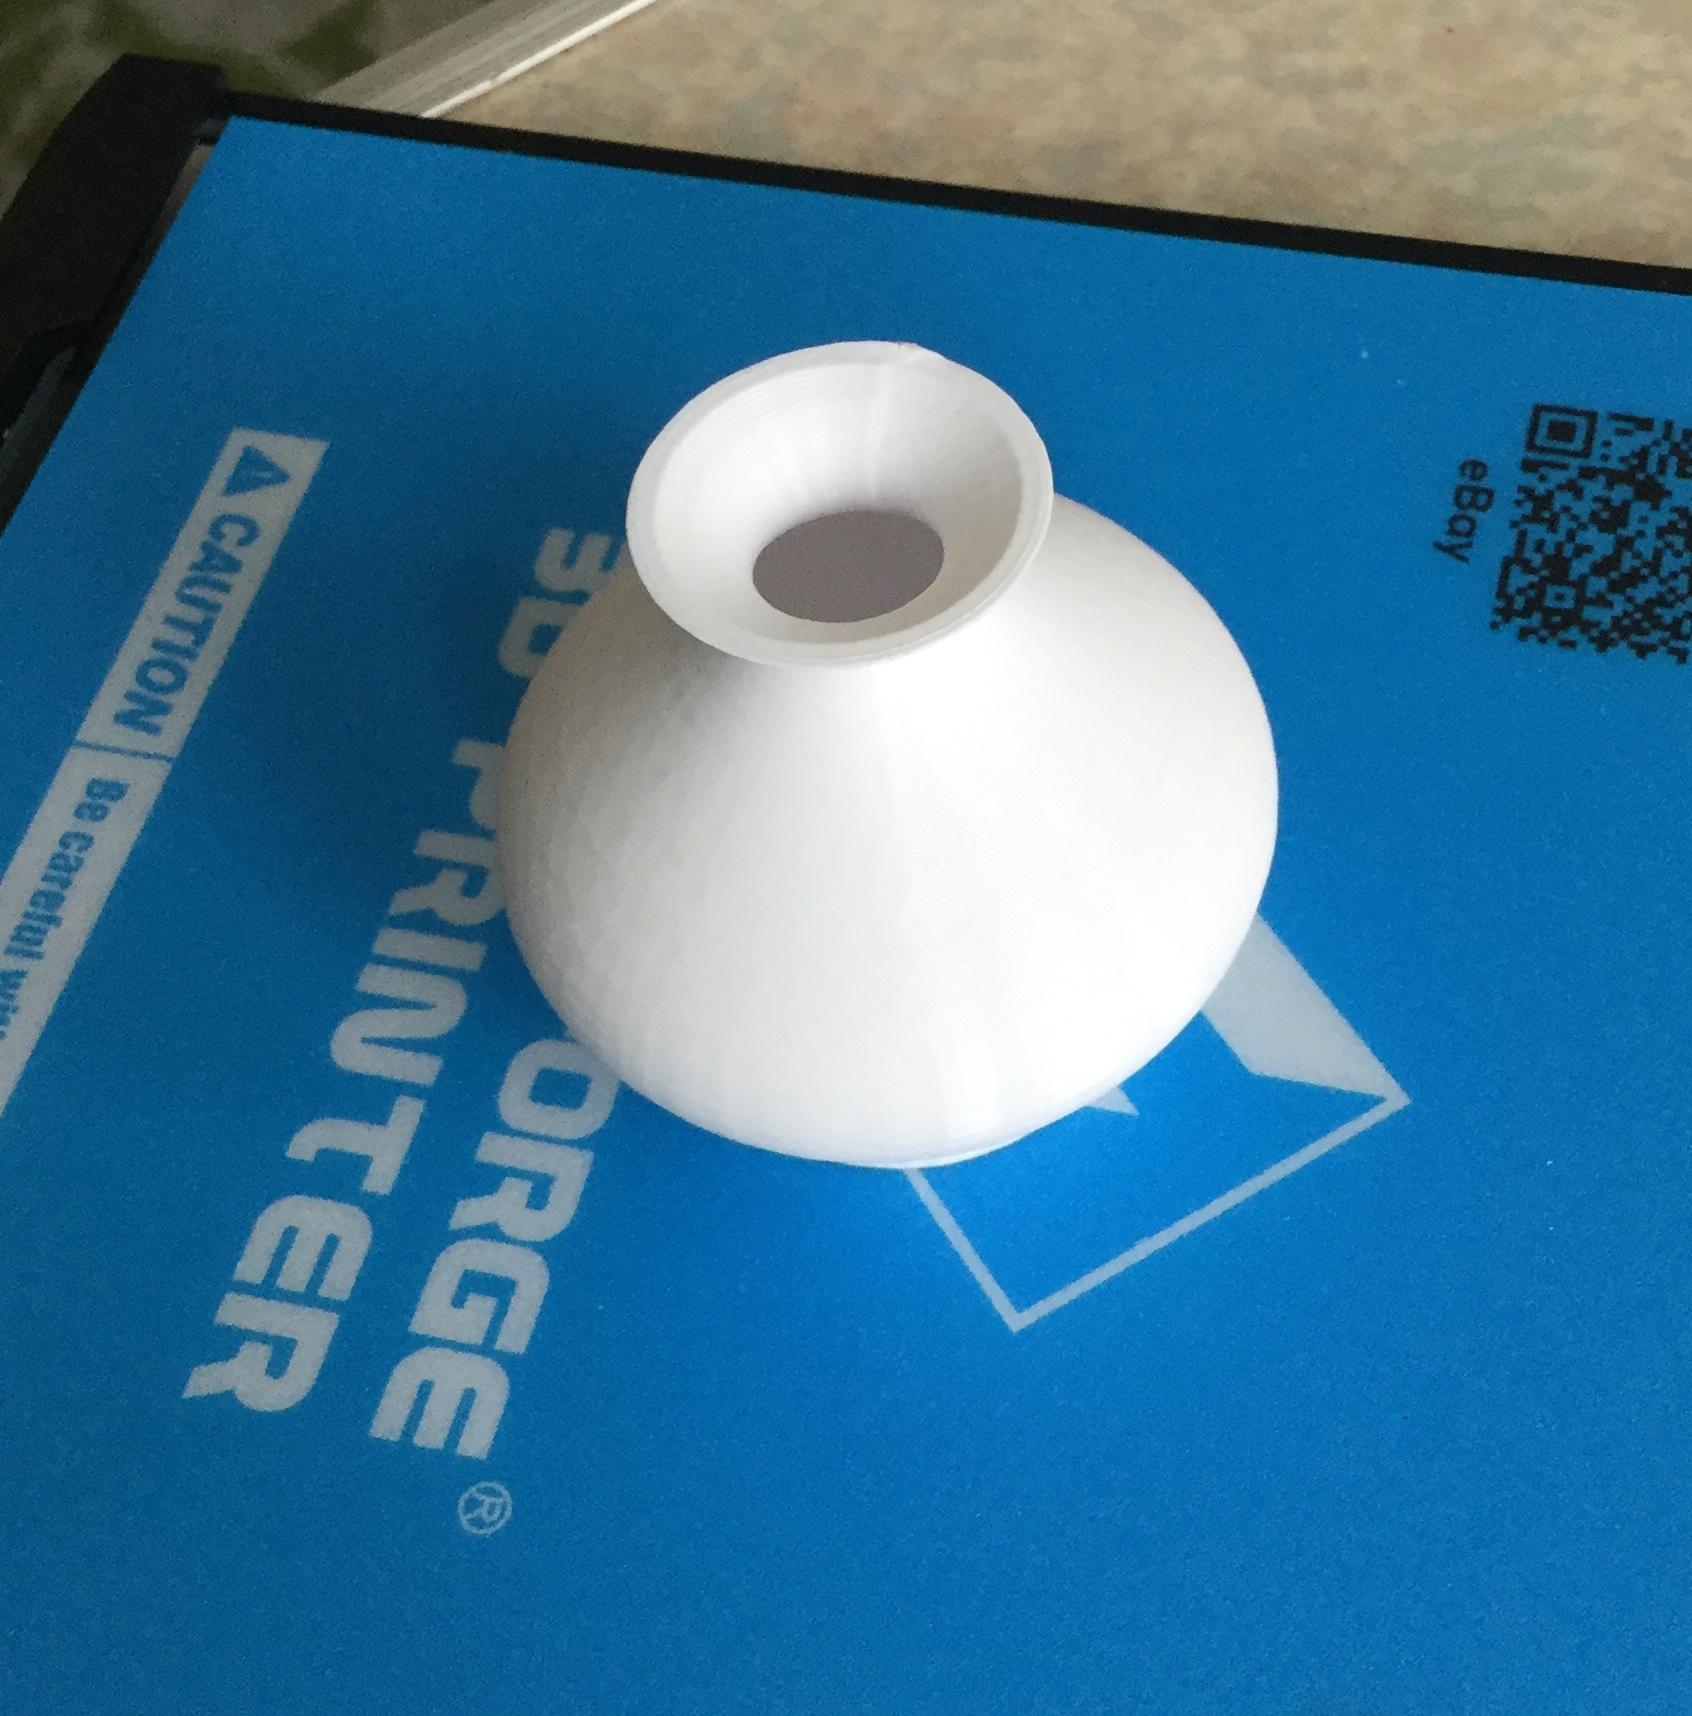 FreeCADでデザインした壺のSTLを3Dプリンターでプリントしたもの